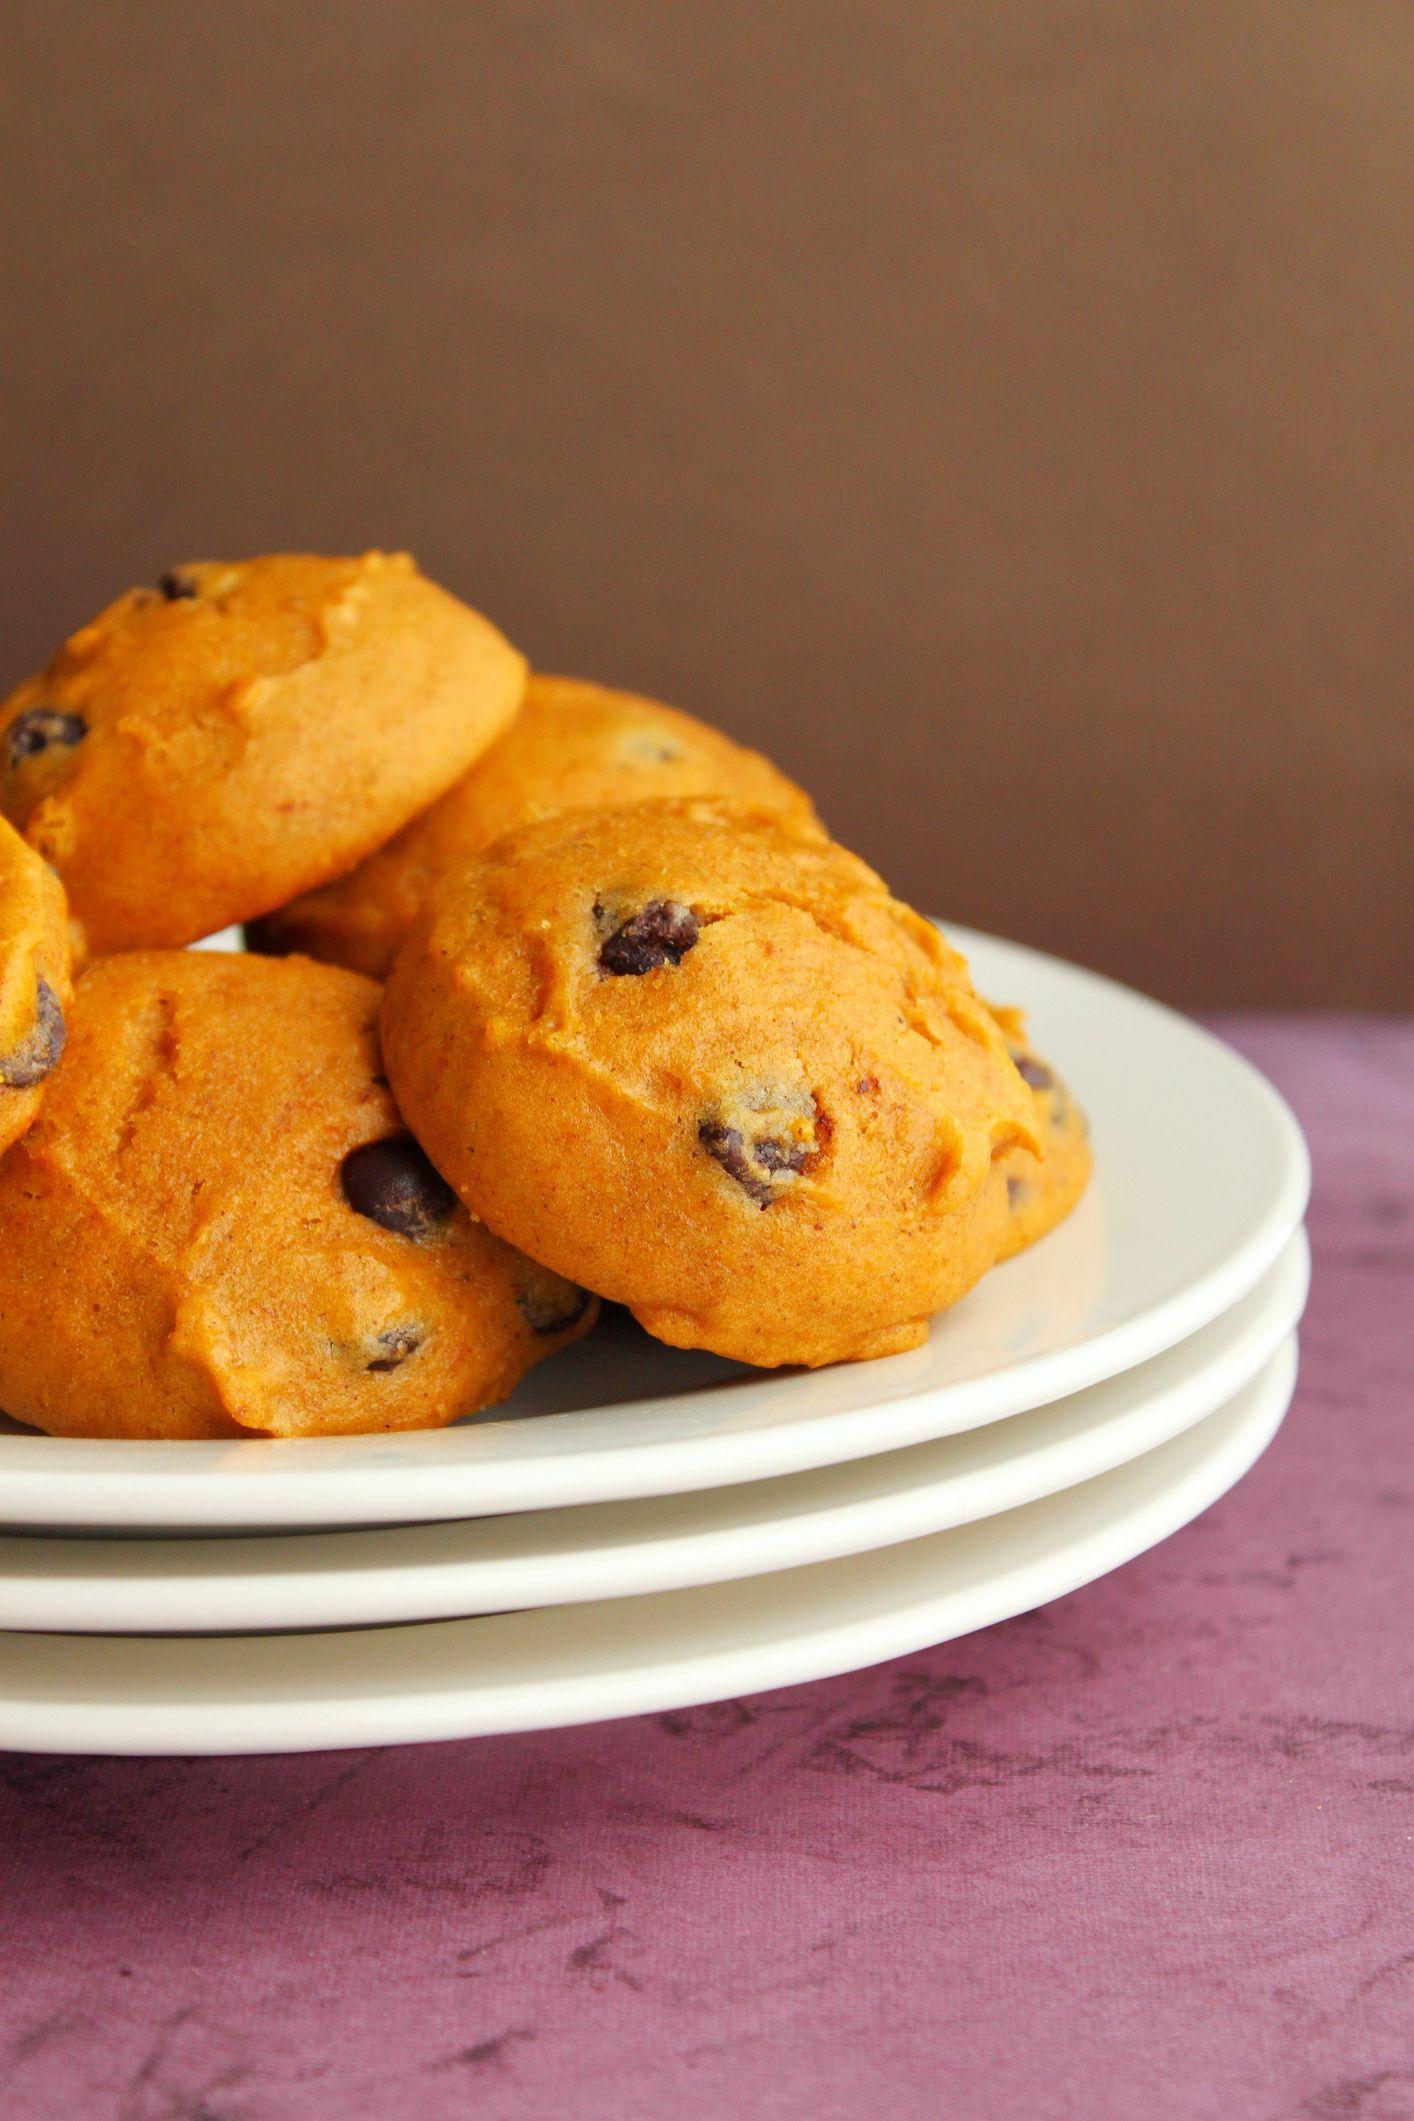 La ricetta definitiva di fine ottobre è? Questa dei biscotti di zucca, per un Halloween easy e dolcissimo